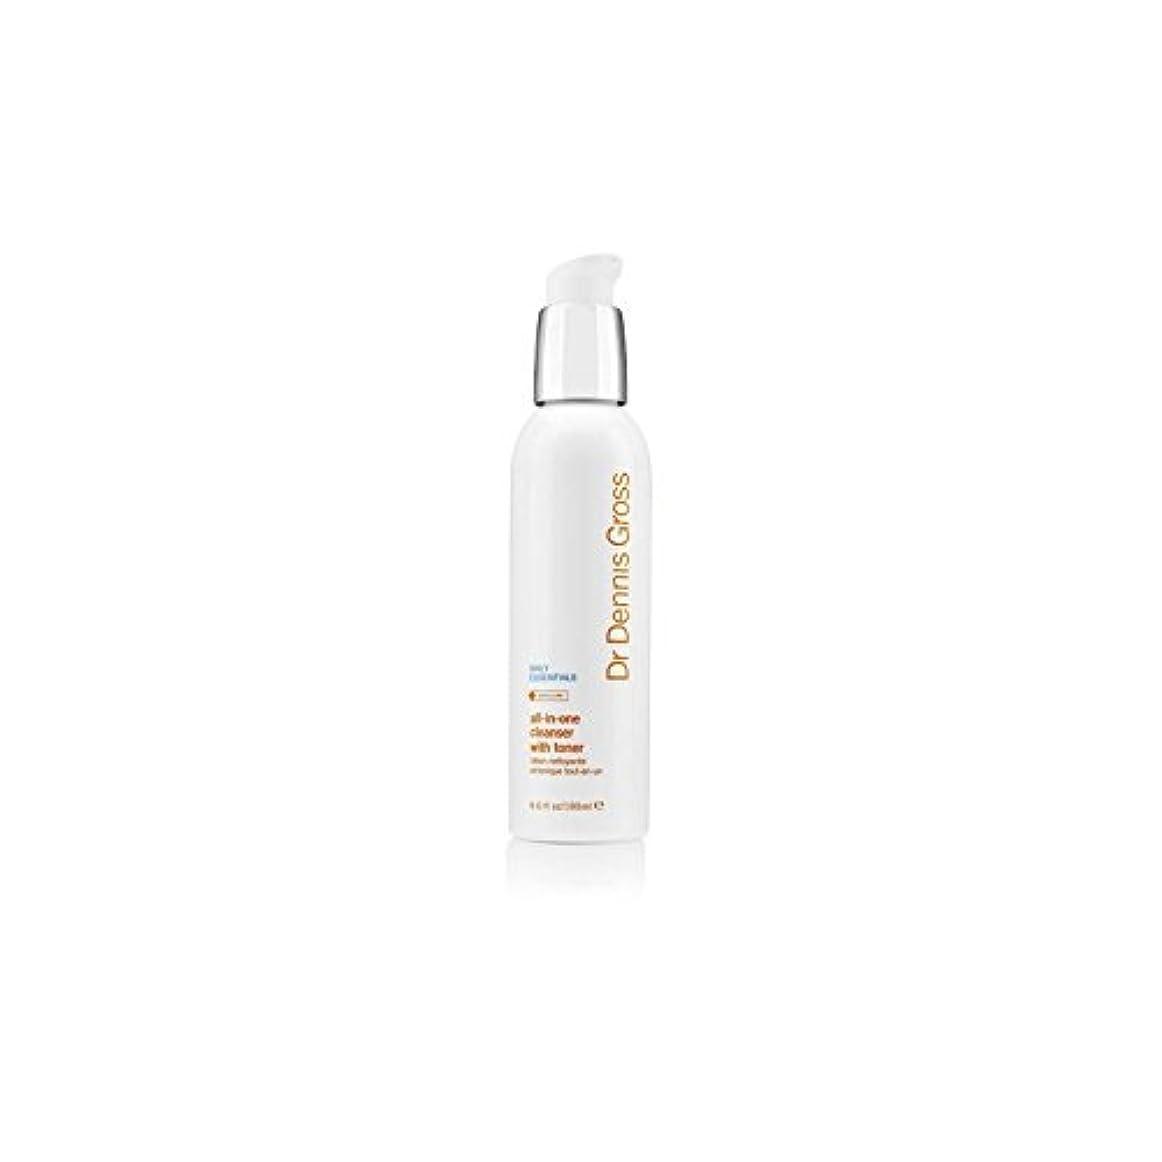 メール敷居公使館Dr Dennis Gross All-In-One Facial Cleanser With Toner (180ml) (Pack of 6) - デニスグロスオールインワントナー(180ミリリットル)とフェイシャルクレンザー...